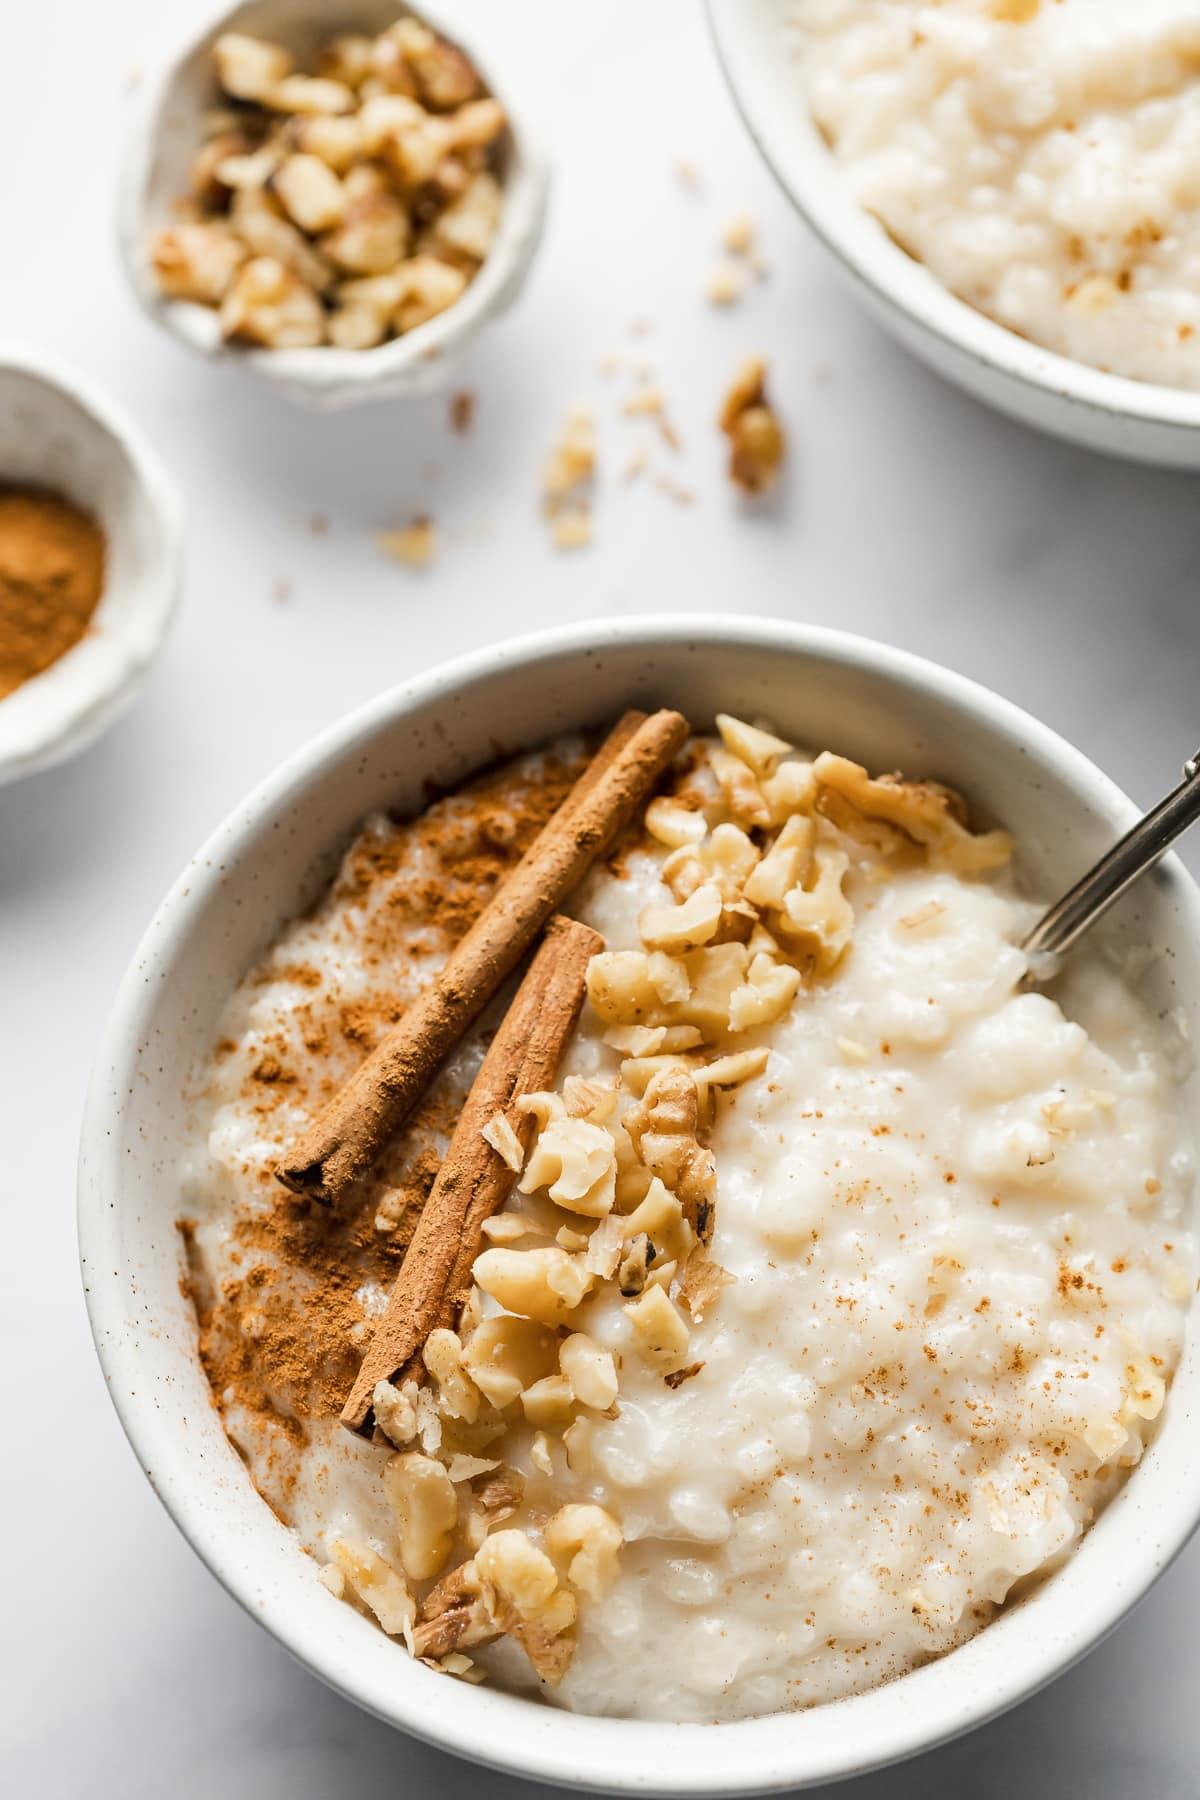 Arroz con leche en un bol cubierto con nueces picadas y canela.